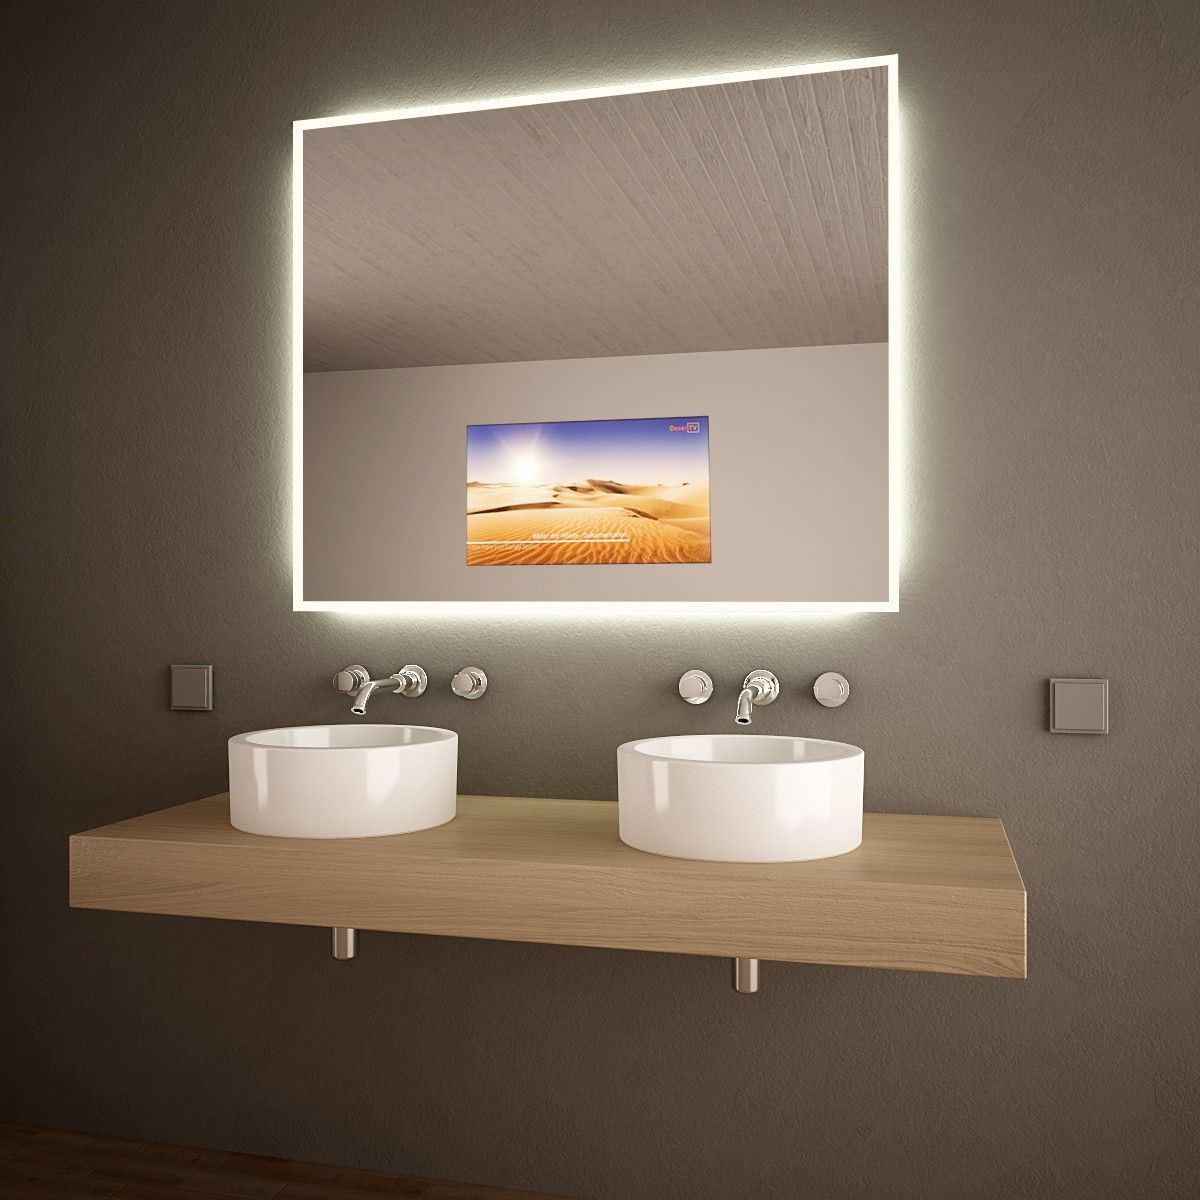 TV Spiegel Waving 9  Badezimmer, Badezimmer fernseher